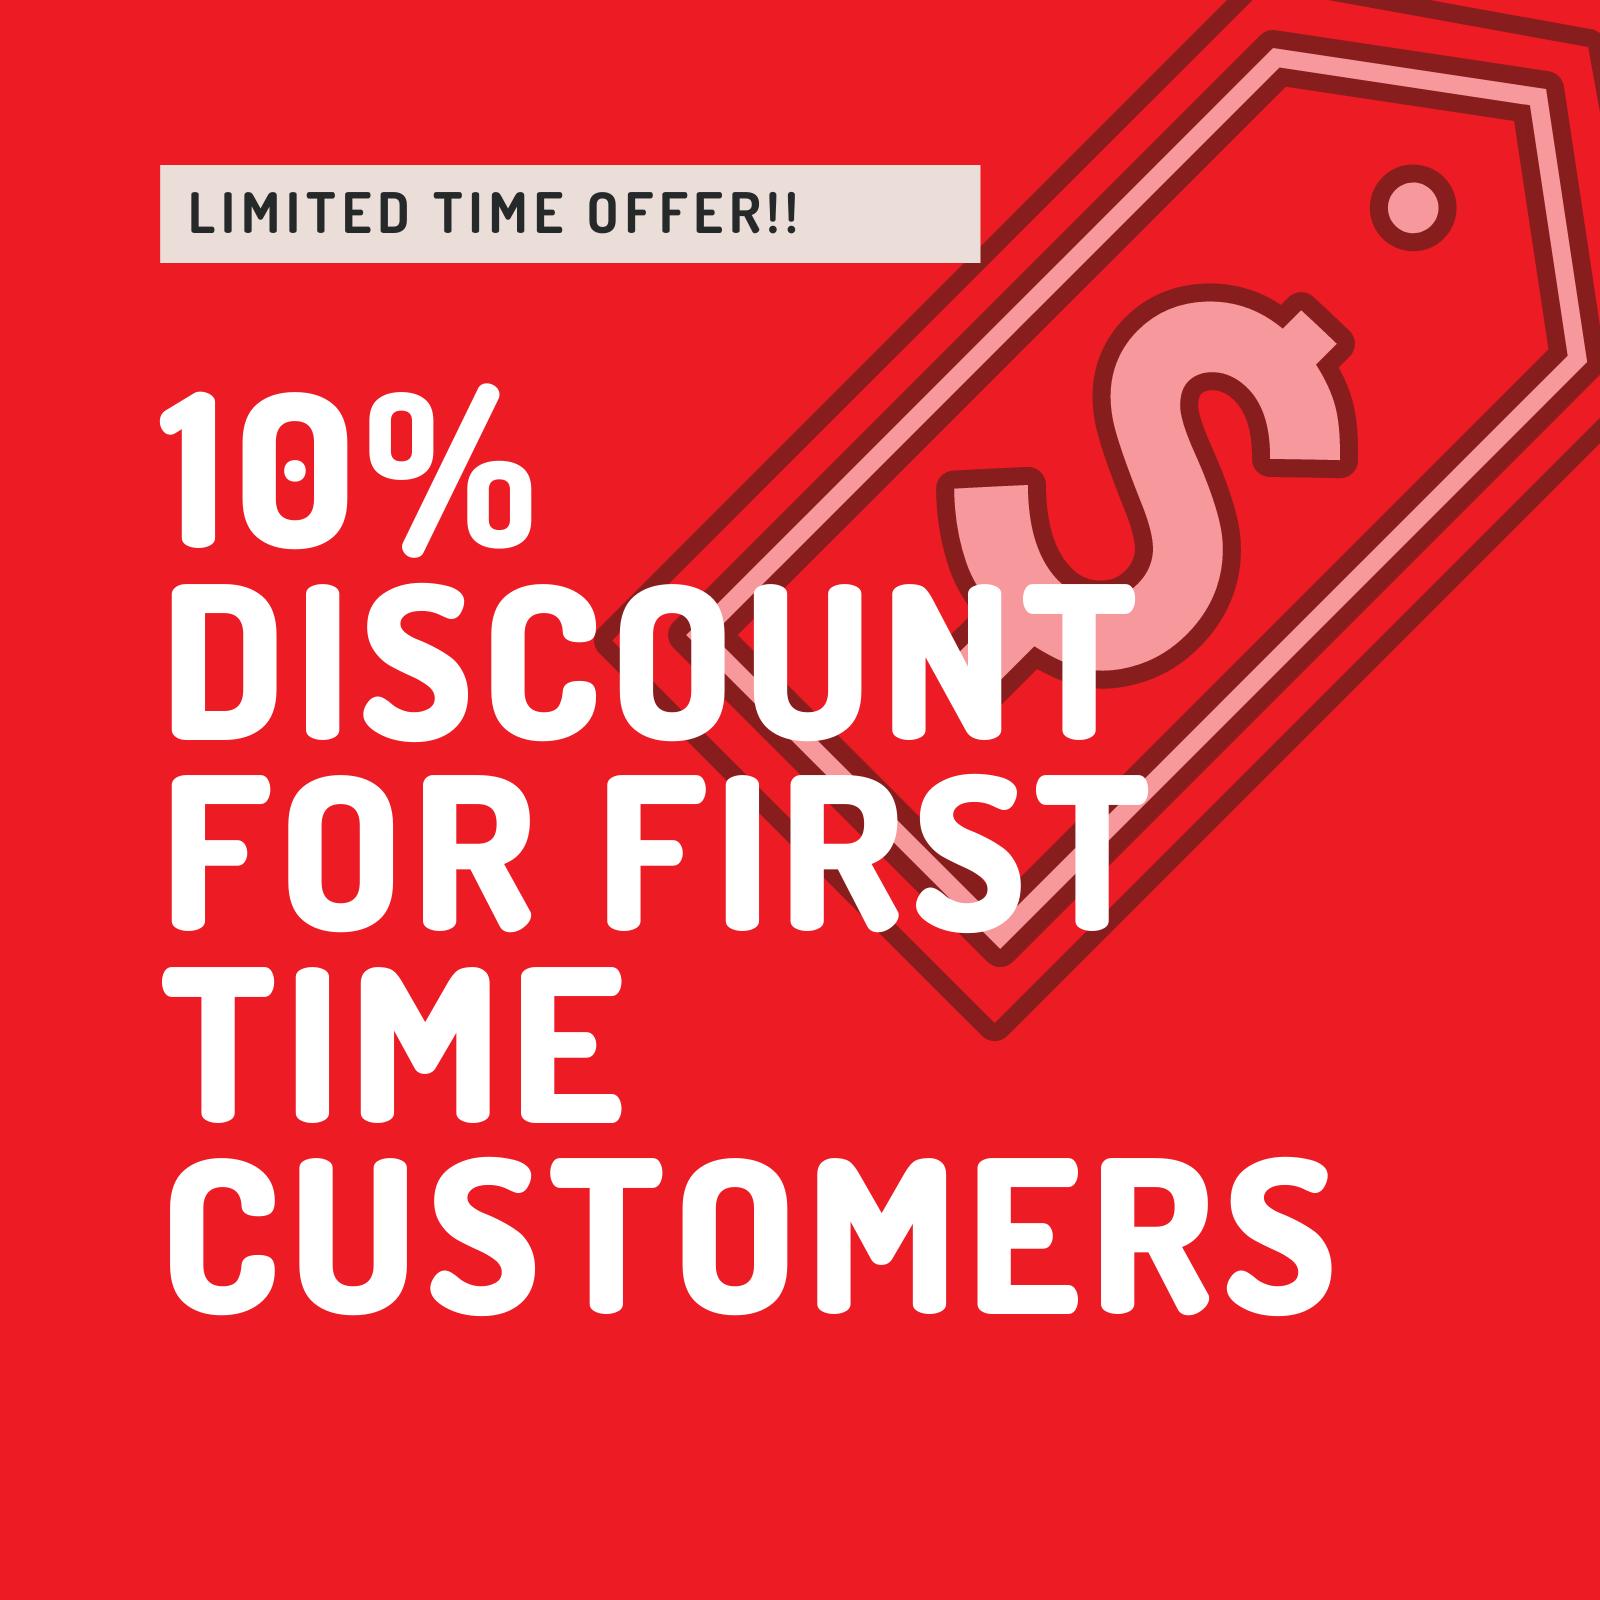 Orbis Pest Contro 10 % Discount